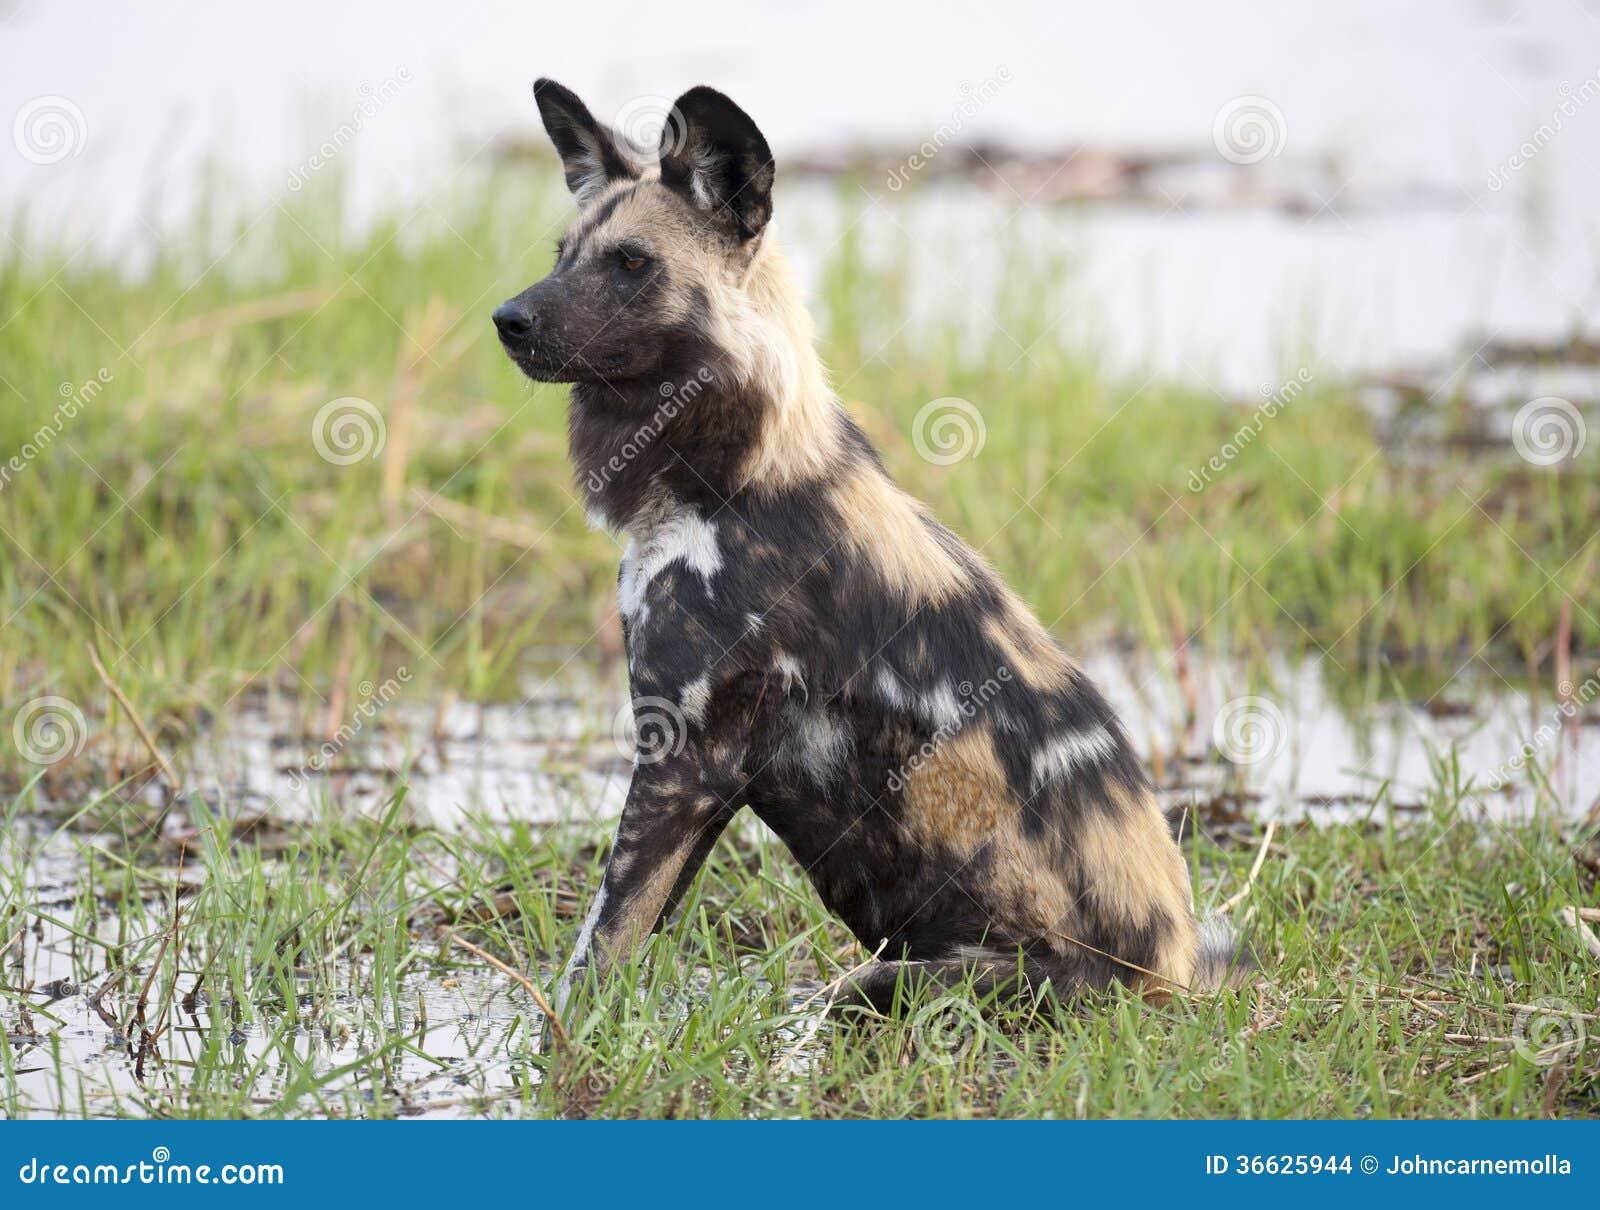 Afrikaanse wilde hond